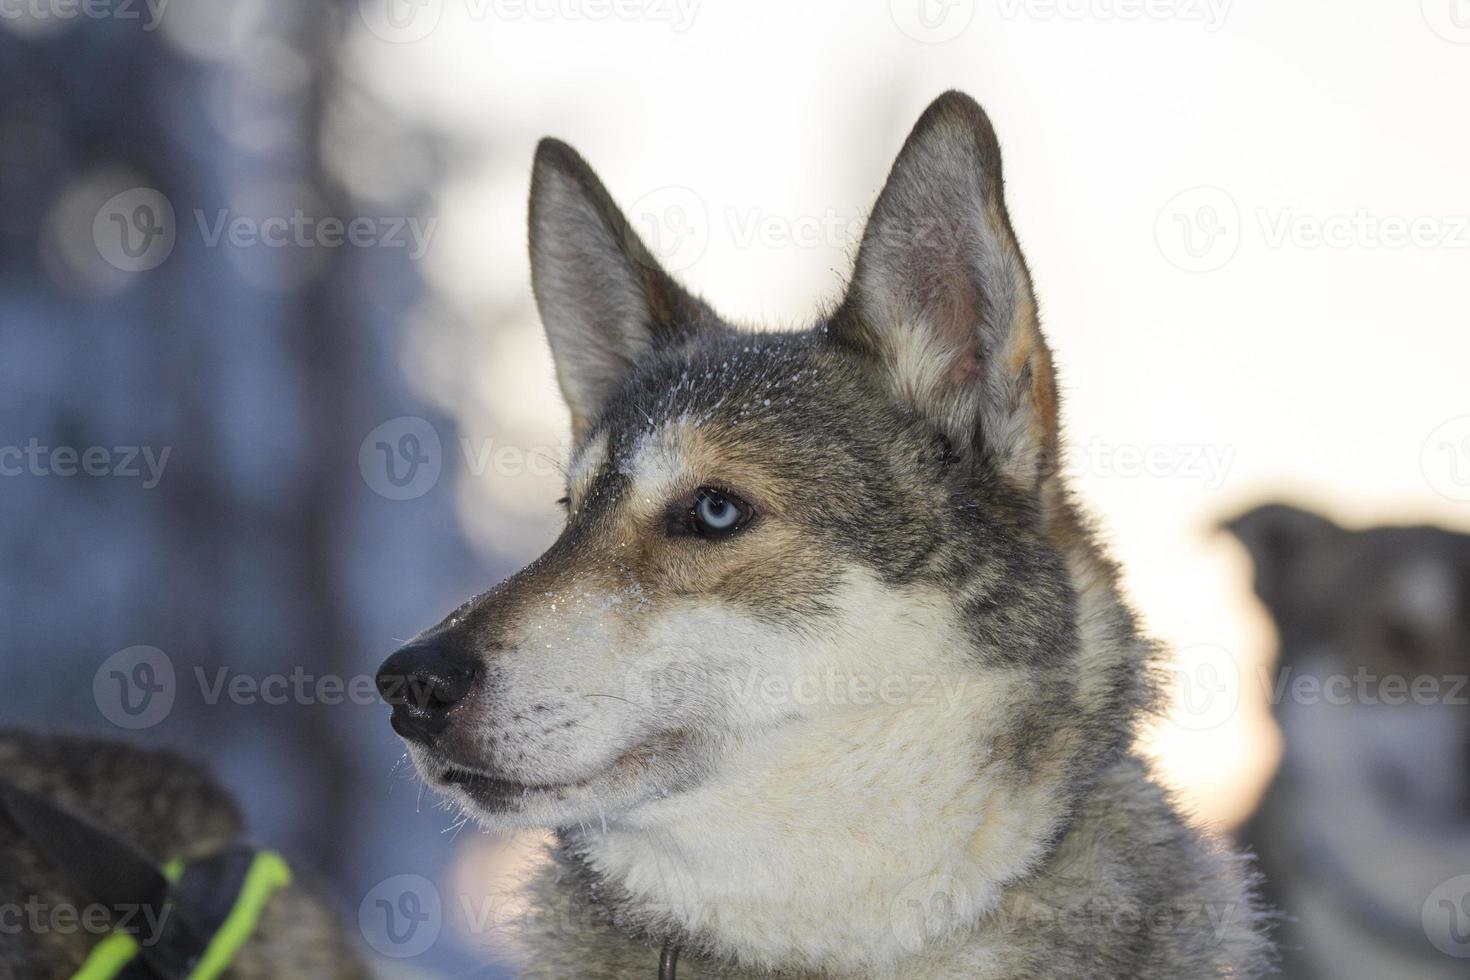 blauwe ogen husky hond klaar om een slee te trekken, lapland foto